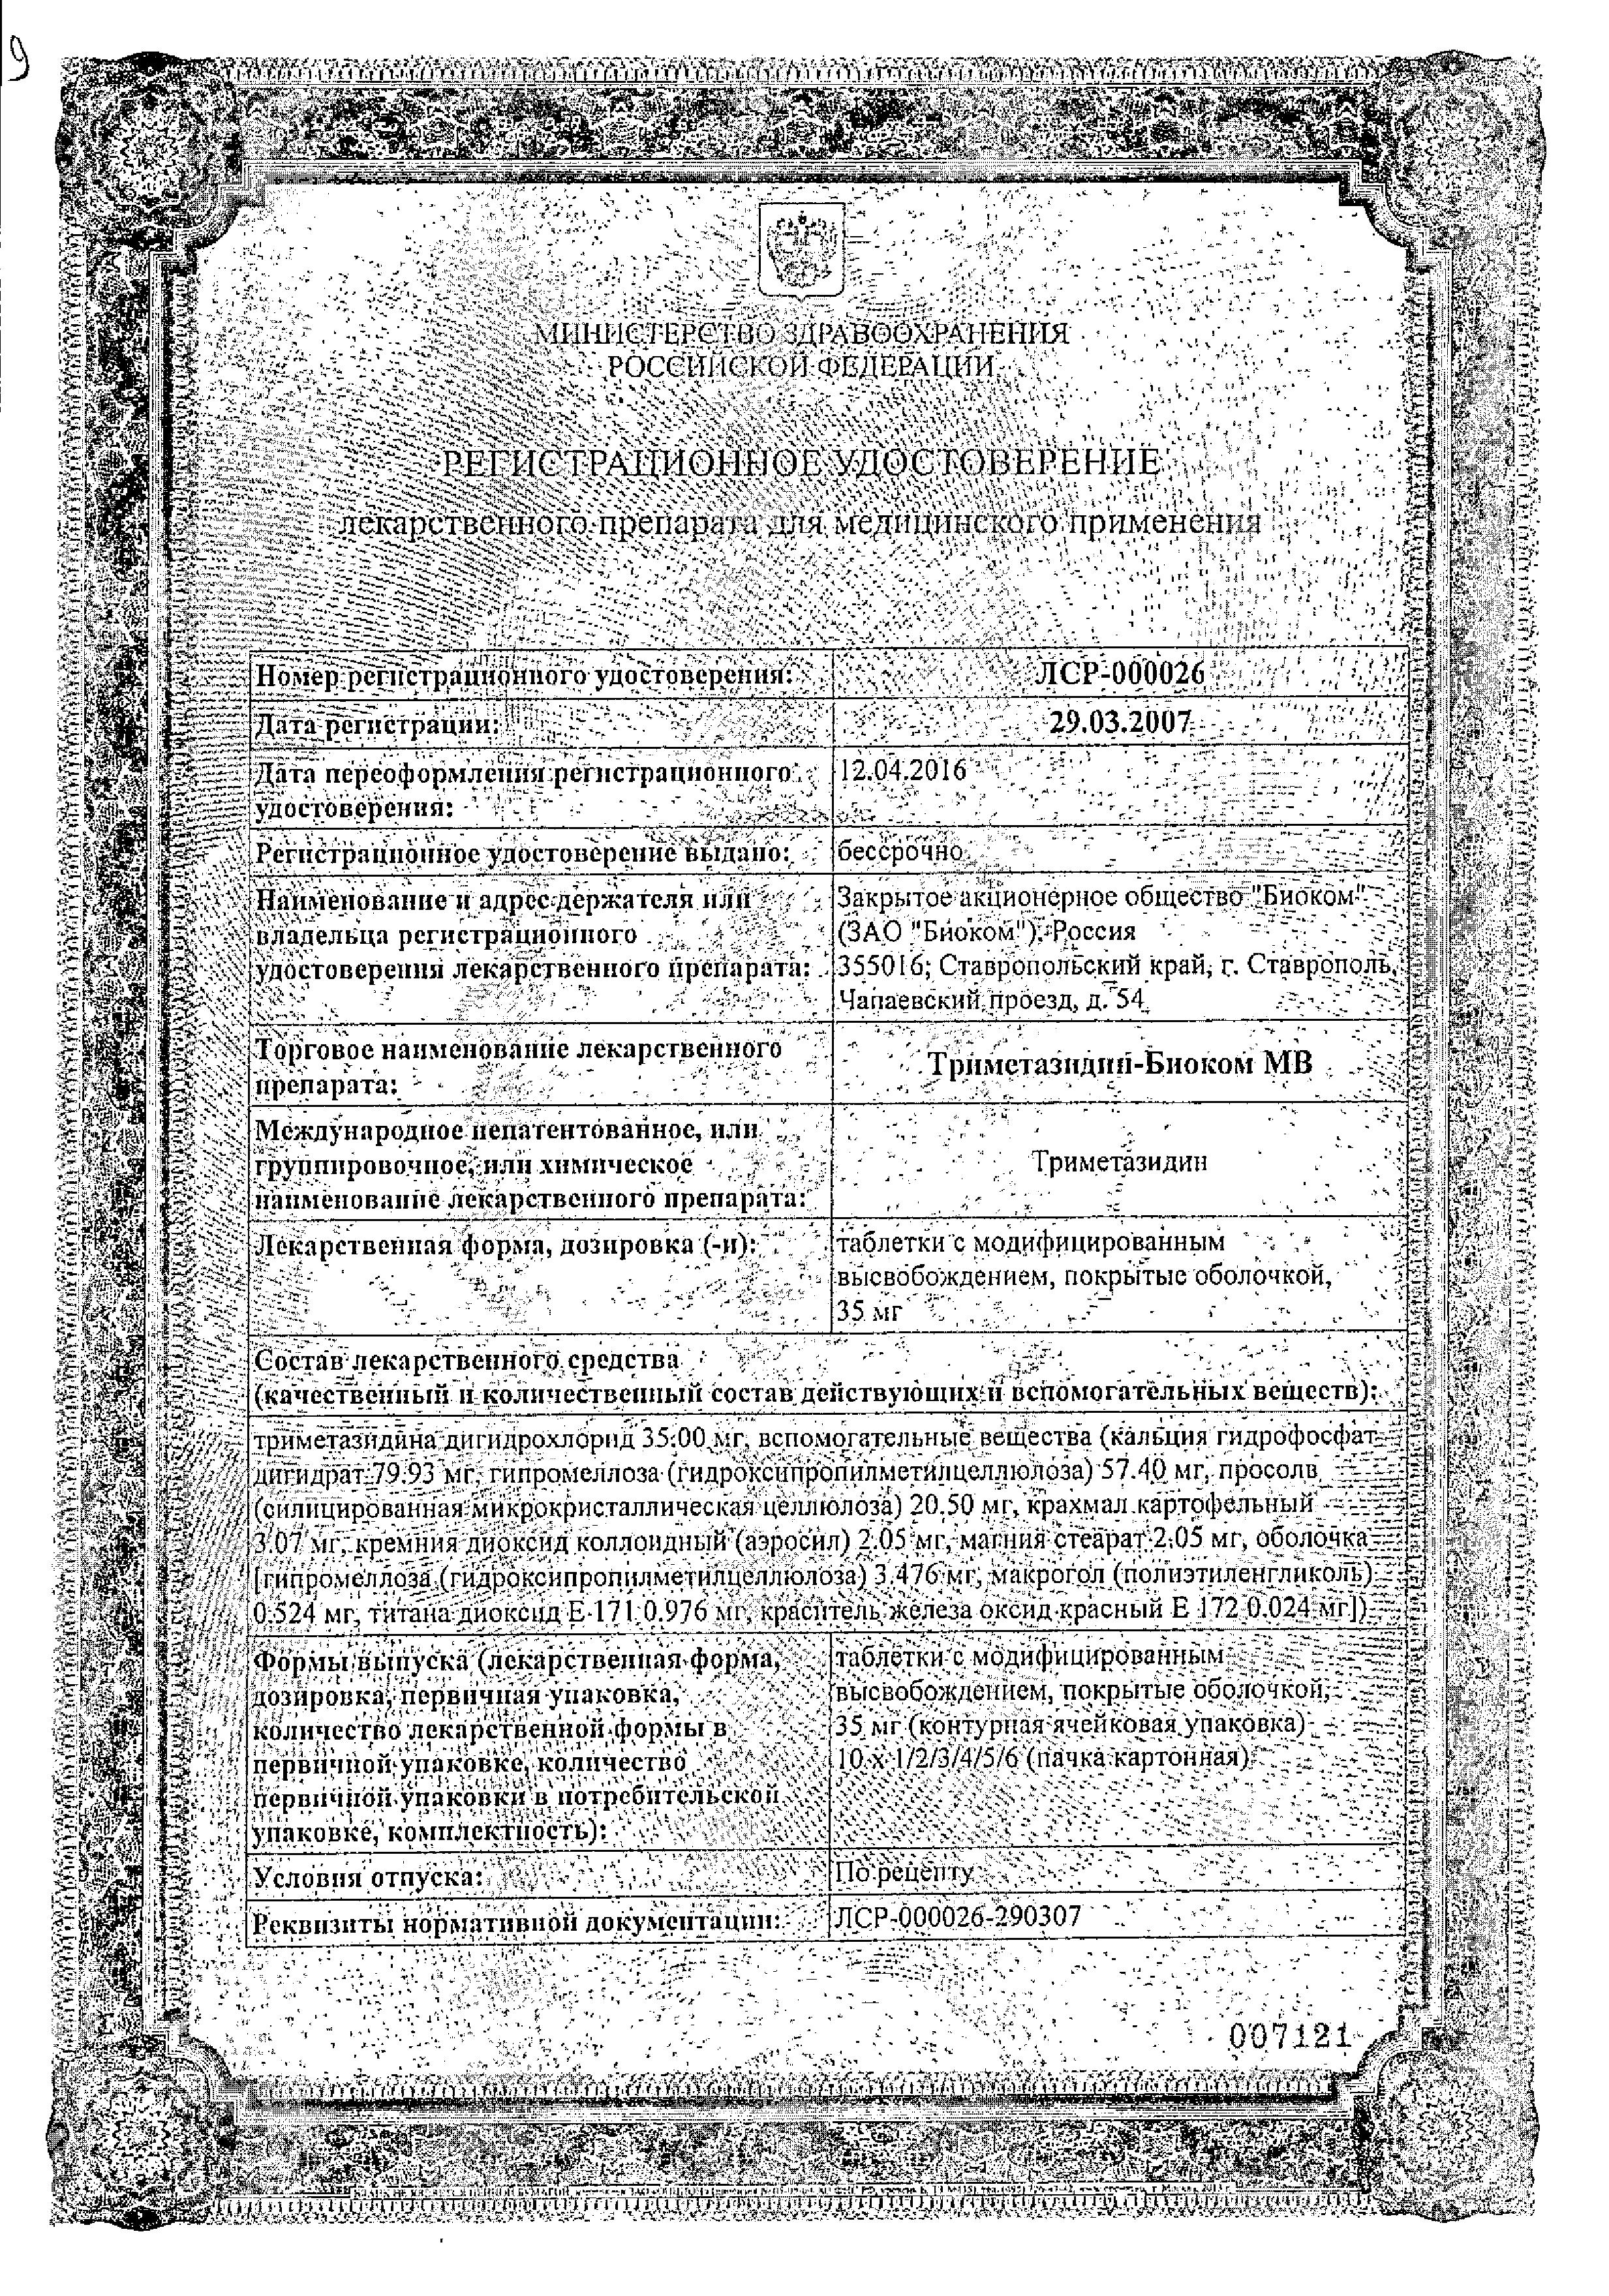 Триметазидин-Биоком МВ сертификат